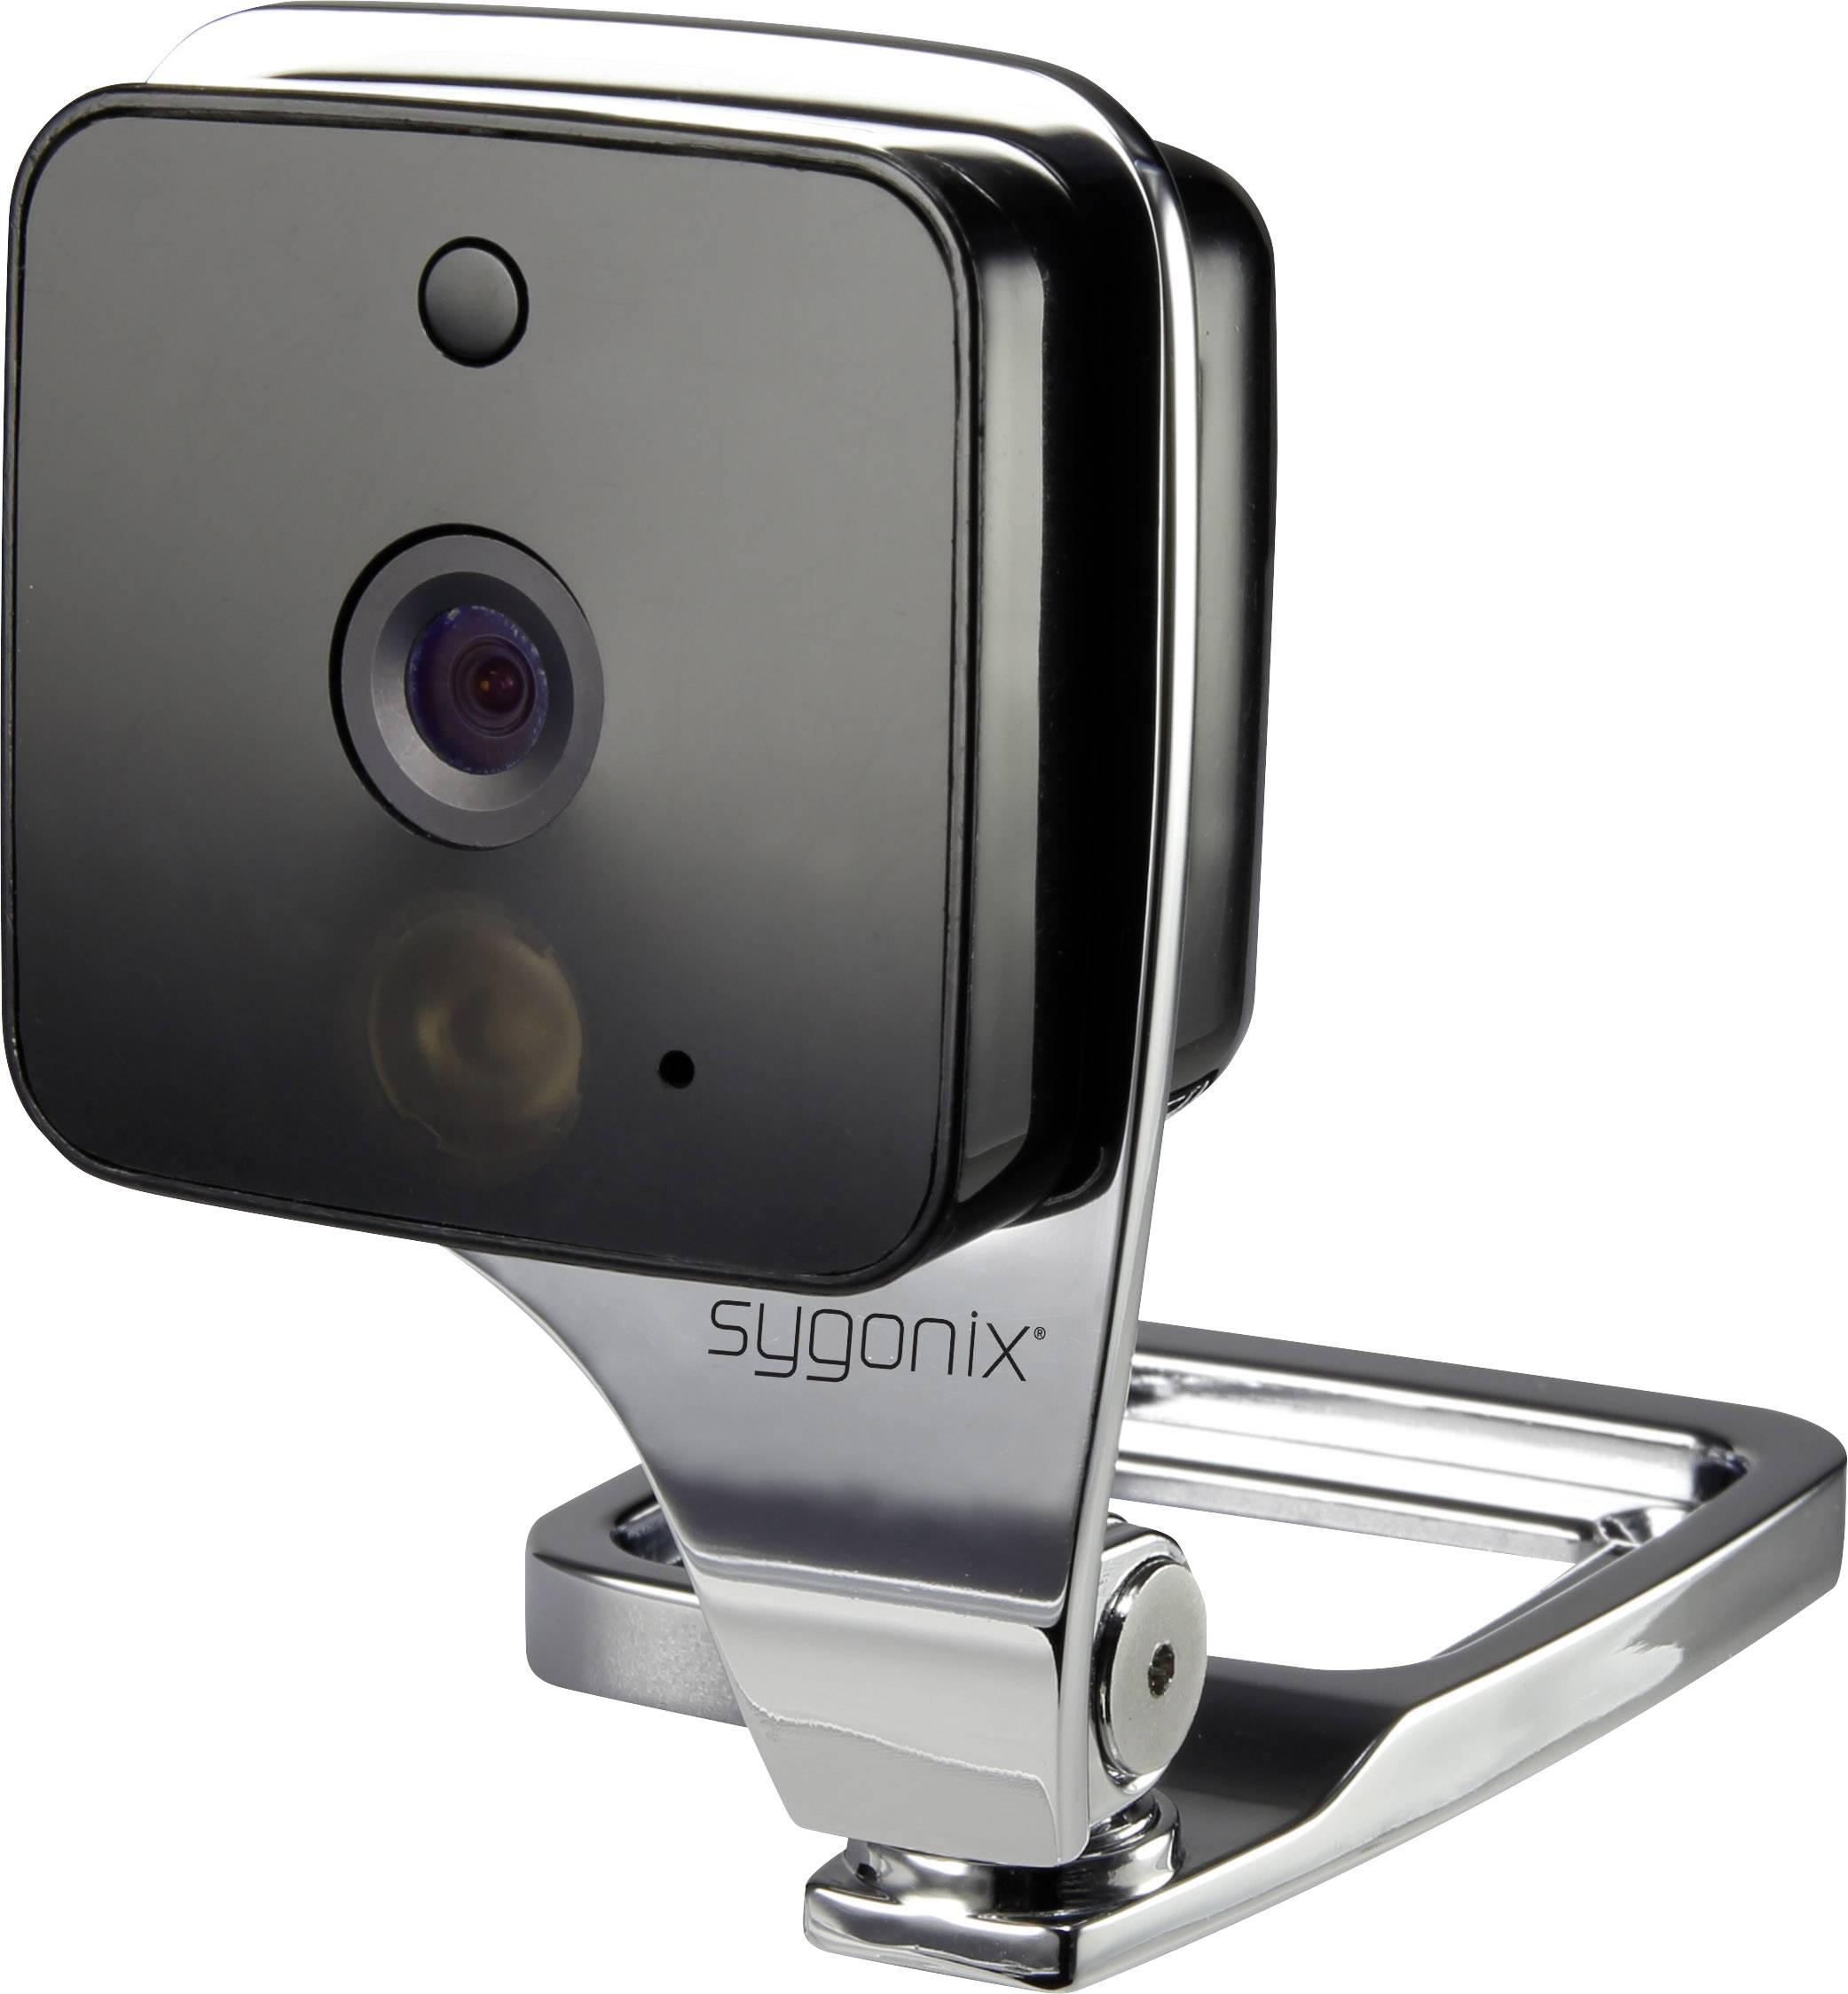 Inteligentná bezpečnostná kamera Sygonix WF-90 WF-90, s Wi-Fi, 1280 x 720 pix